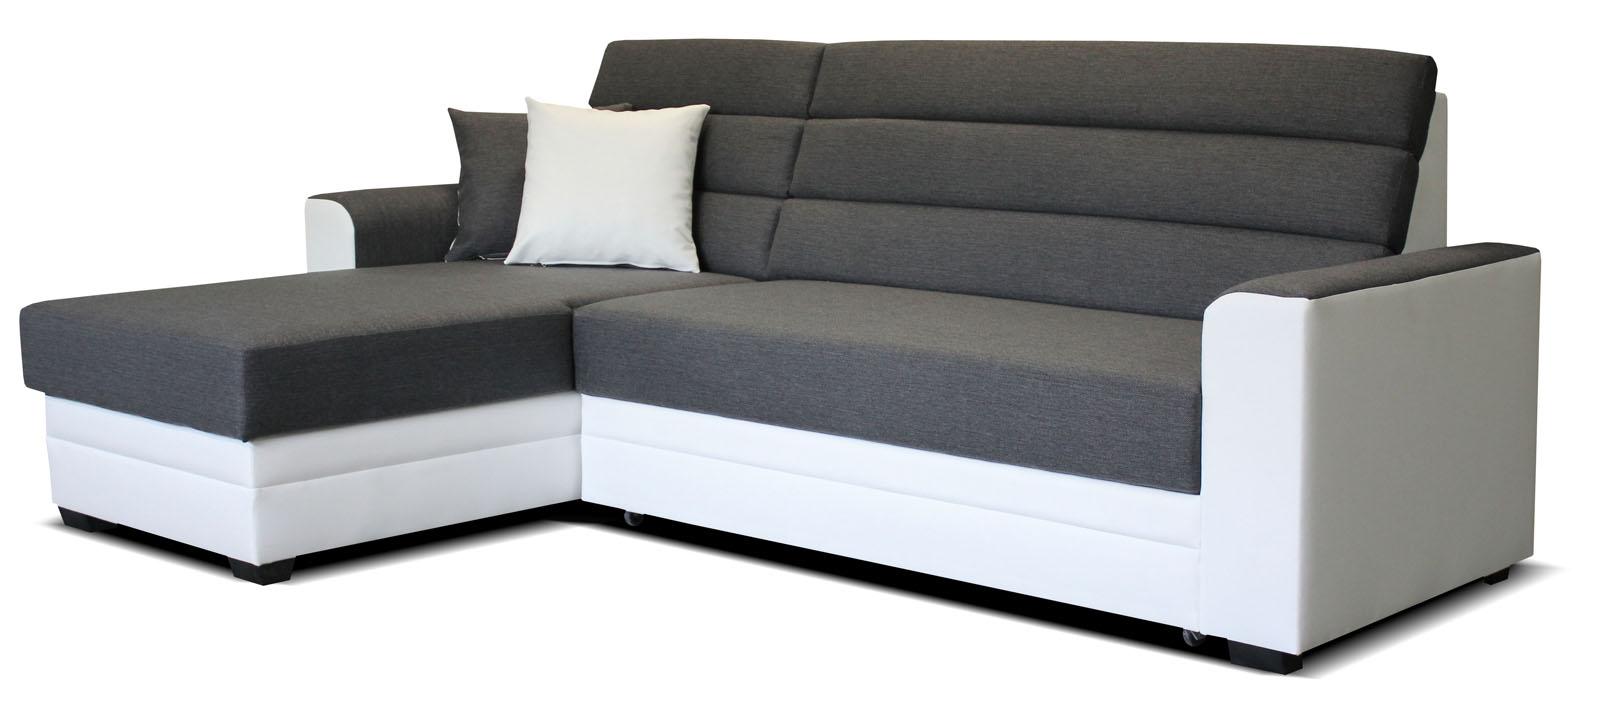 Rohová sedací souprava - Po-Sed - Ulm L+2F (šedá + bílá) (L)